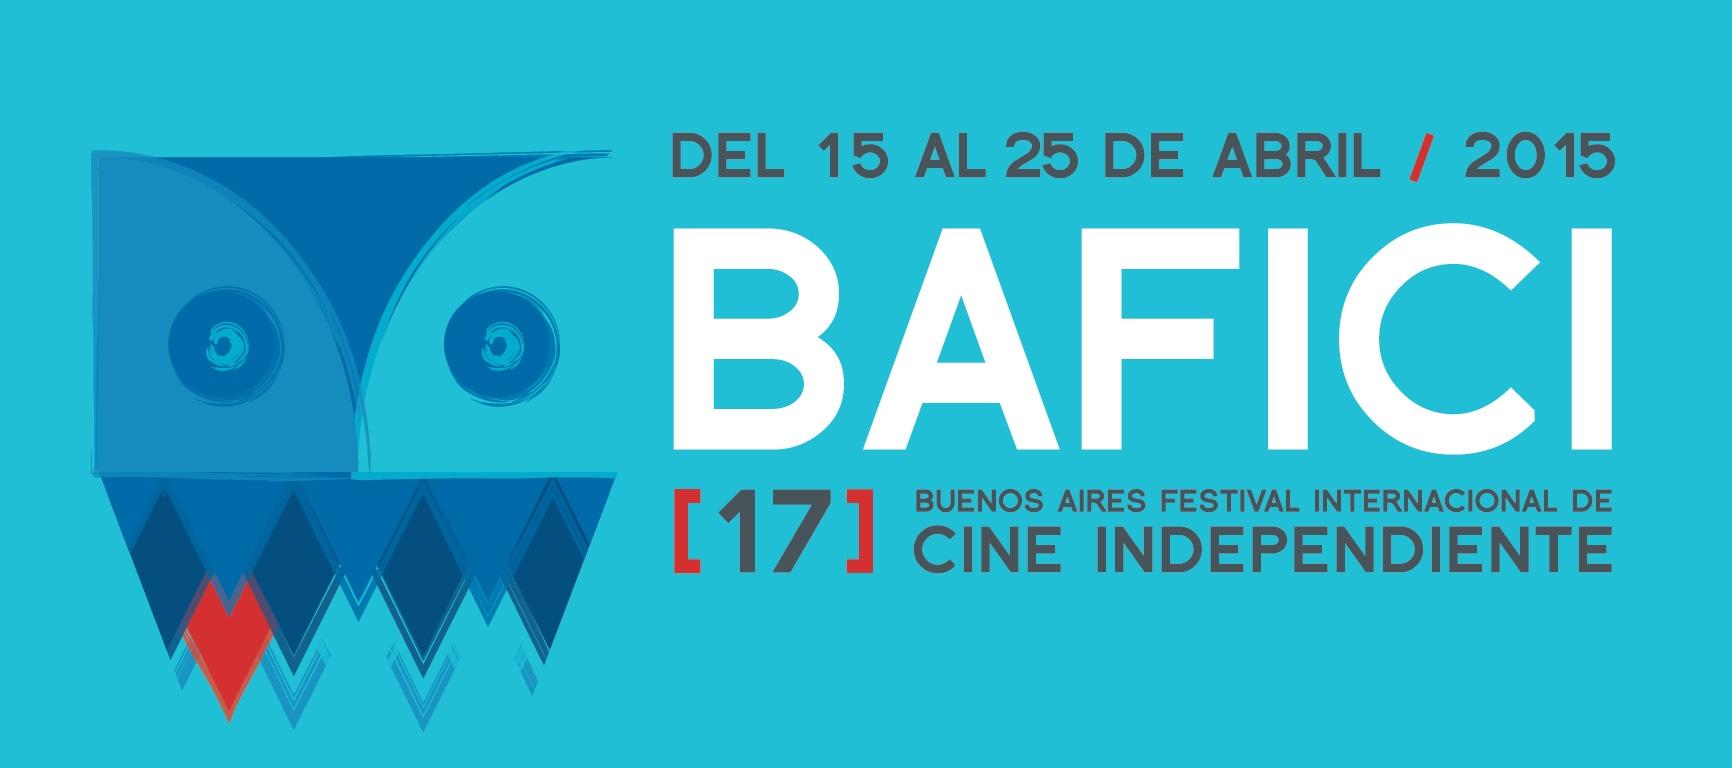 BAFICI [17]: Hay más cine ahí afuera